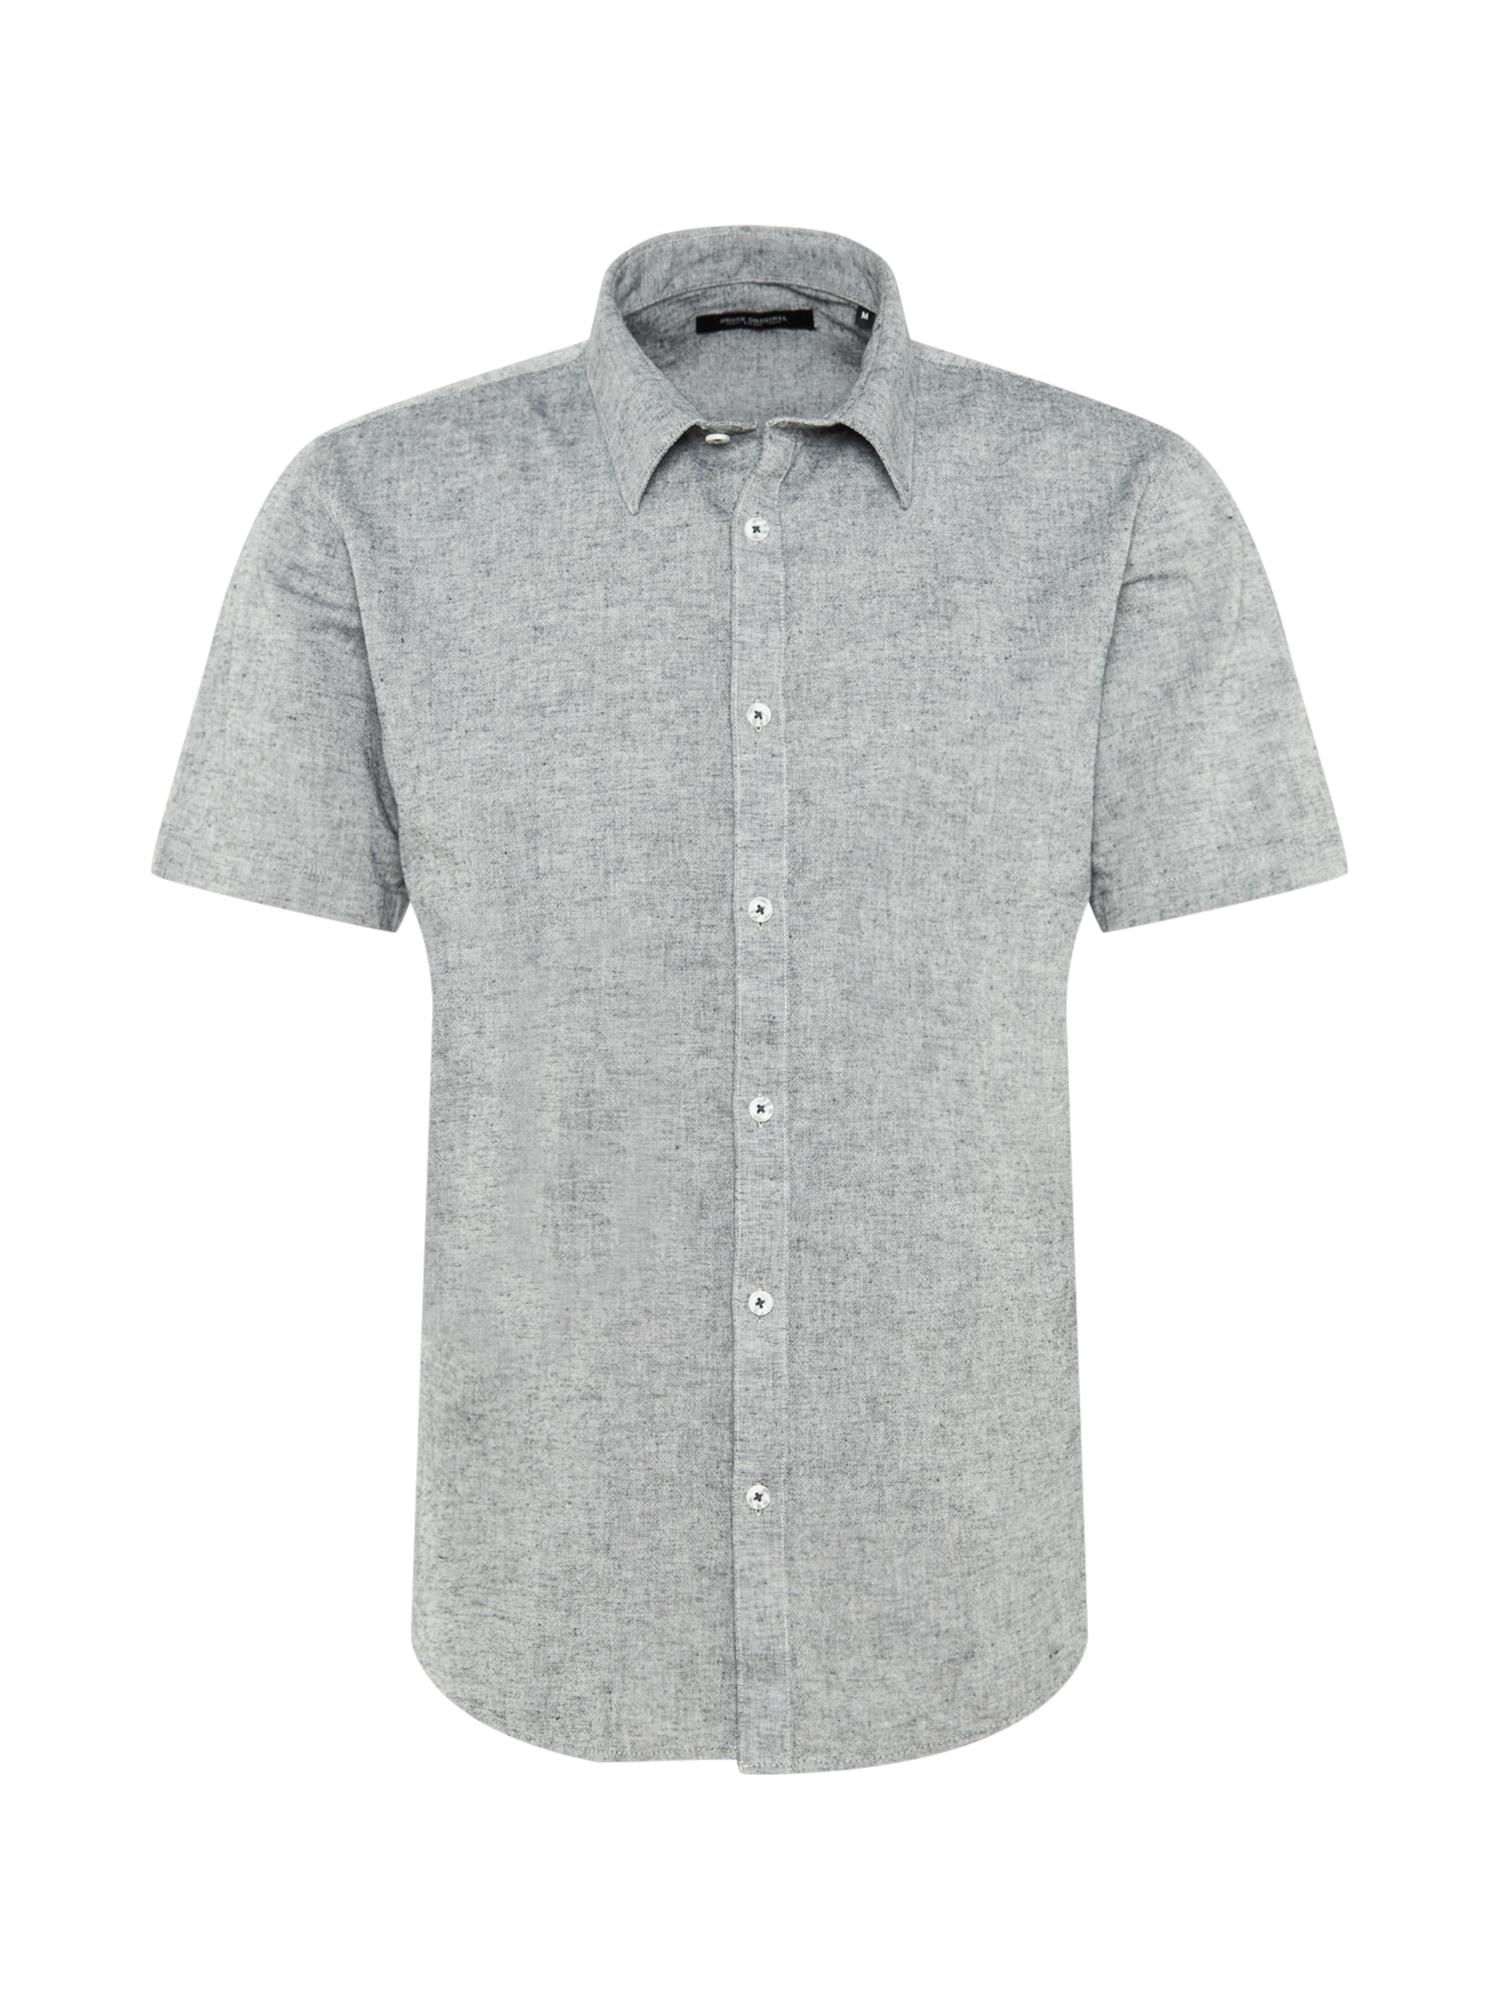 SHINE ORIGINAL Marškiniai margai pilka